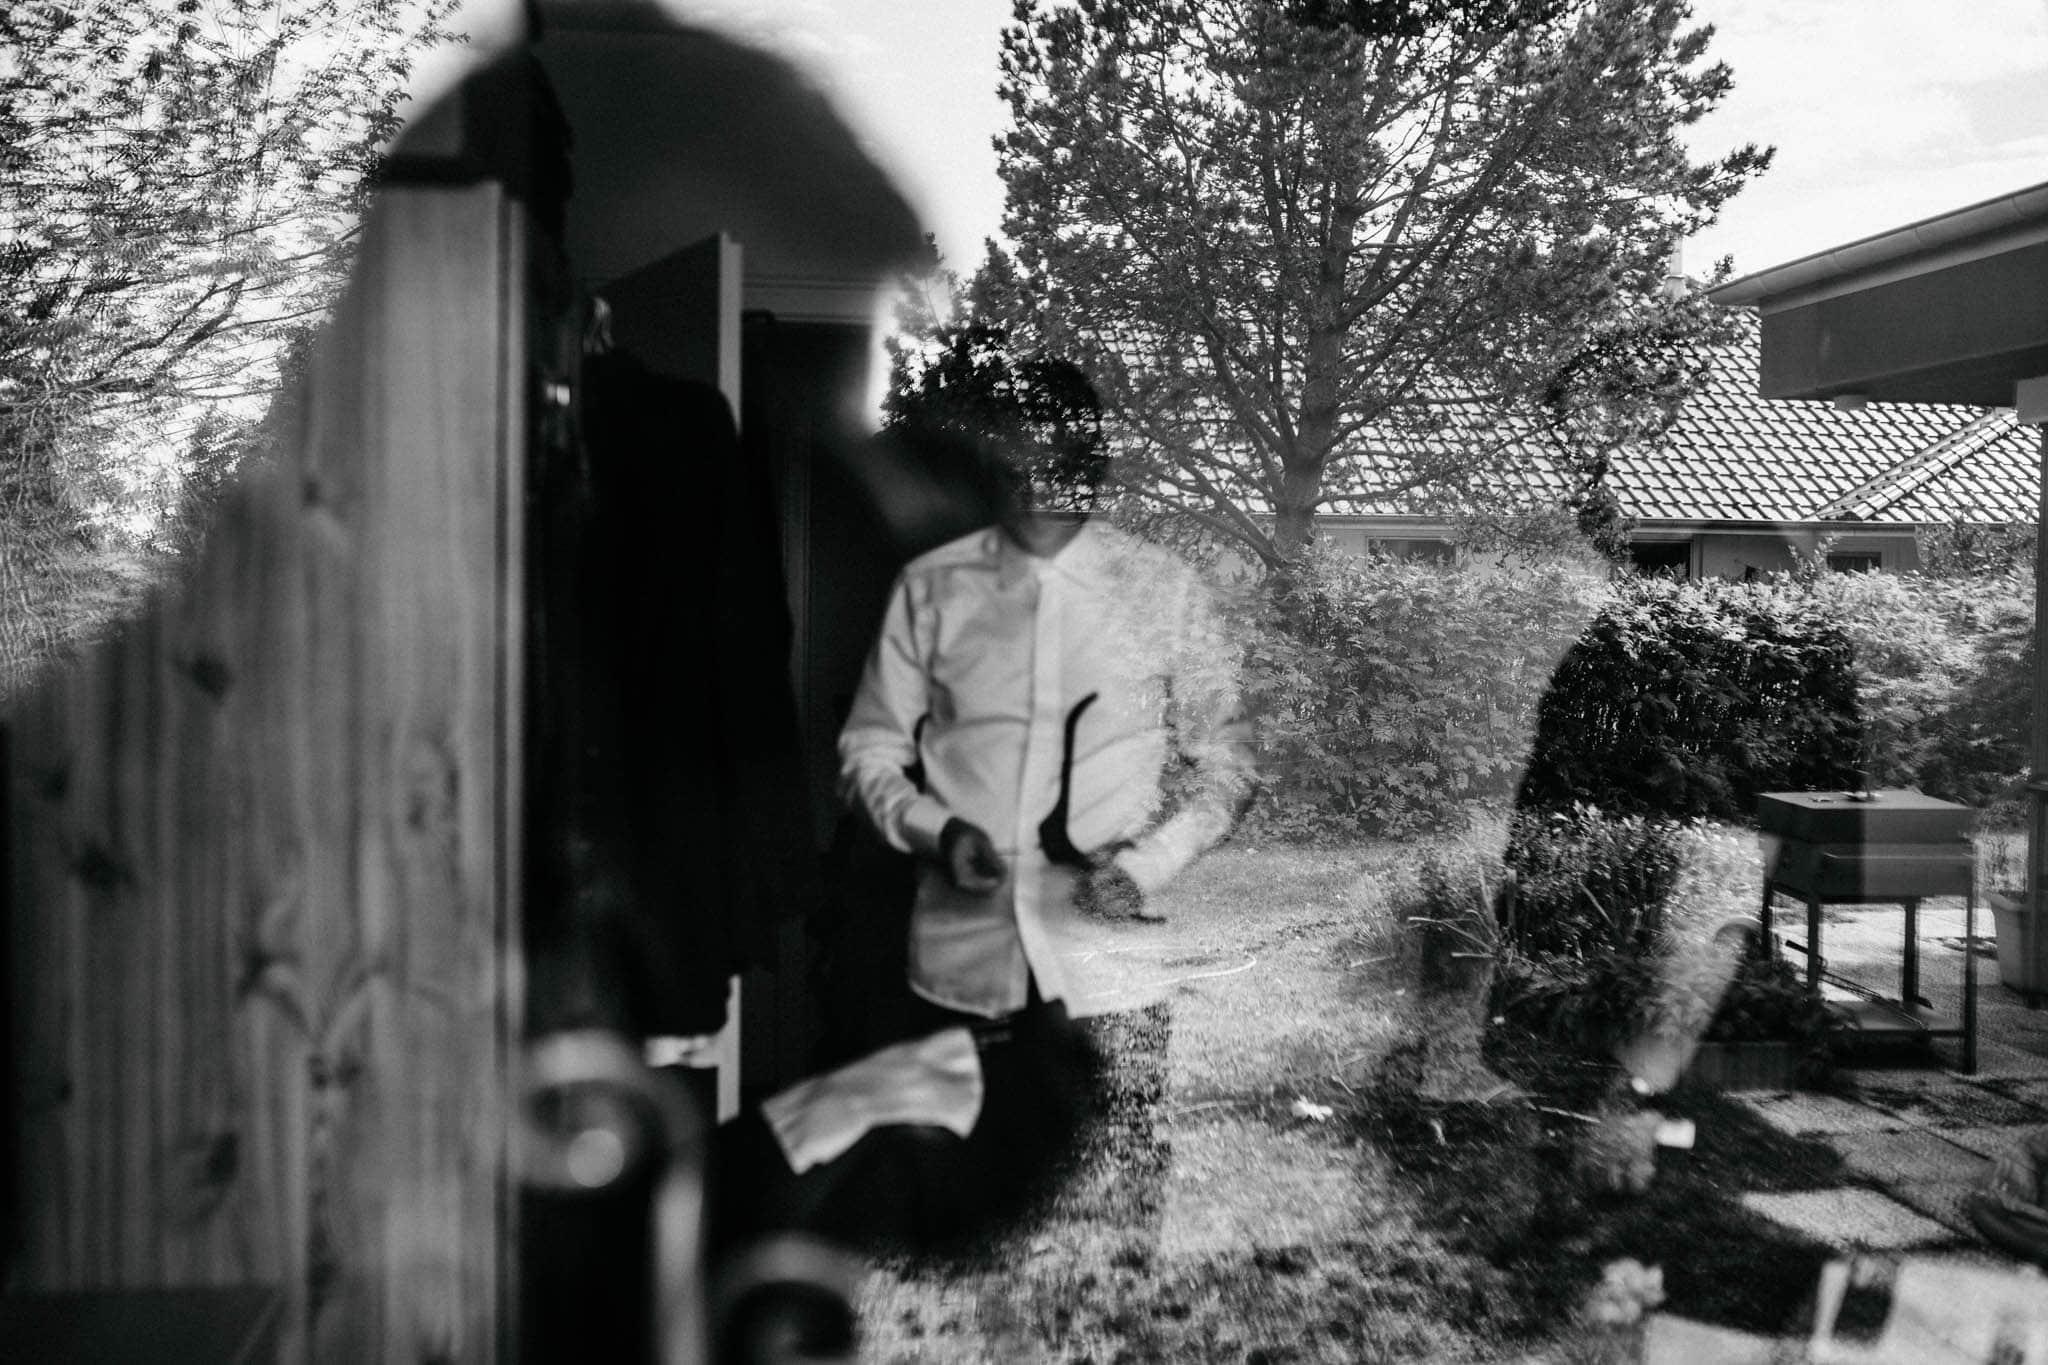 Hochzeitsfieber by Photo-Schomburg, Hoichzeitsfotograf, Hamburg, Wedding, Weddingtime, Hochzeitspaar, Braut, Bräutigam, Hochzeit im Norden,-14